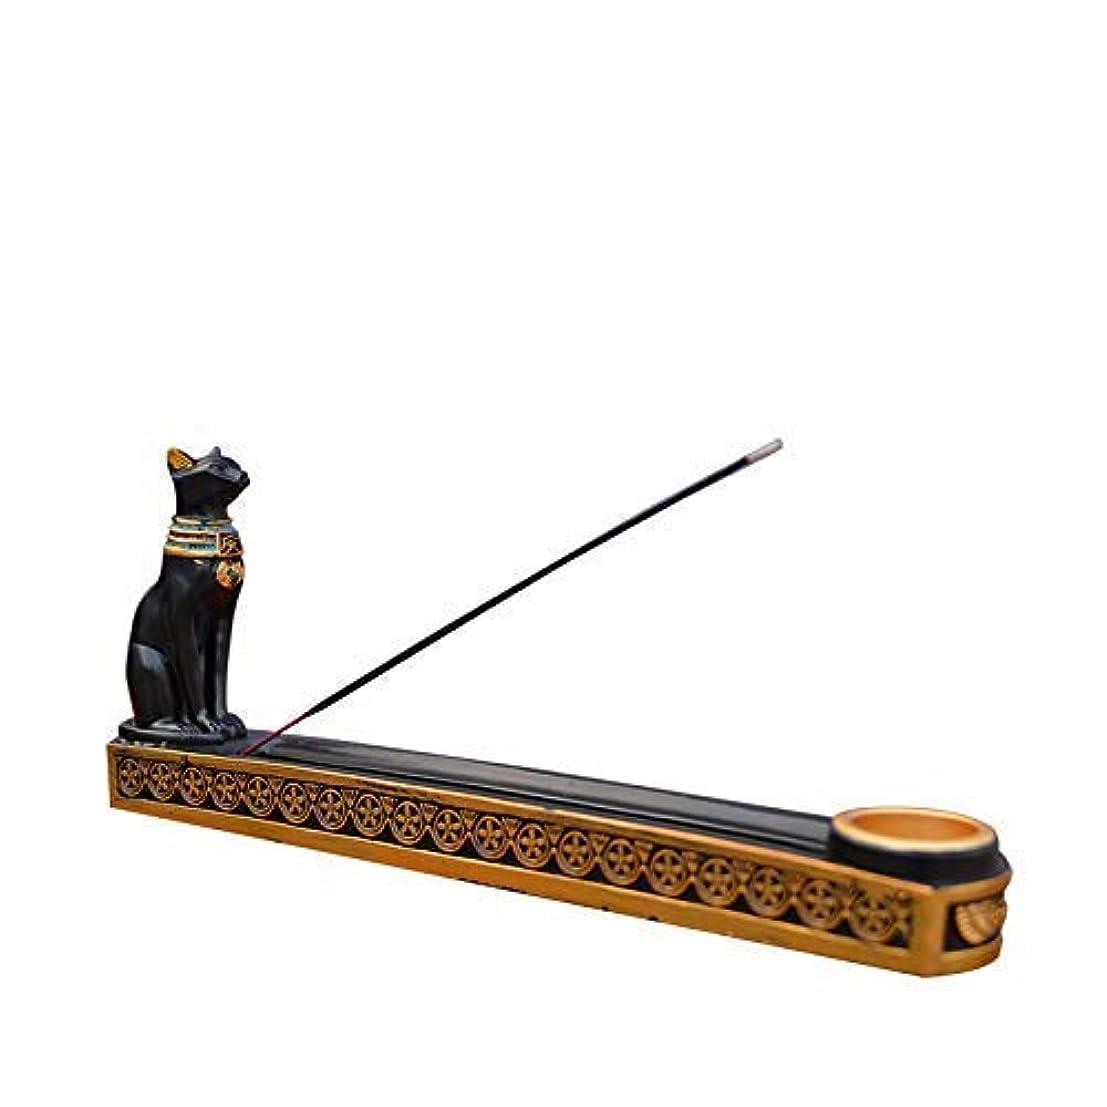 ひどいスーパー膜tonntyann 横置き お香立て ボックス 猫 寝かせ スティックおしゃれ 線香立て お香 古代エジプト風 バステト神 アロマ お香 横置き ヒエログリフ ネ